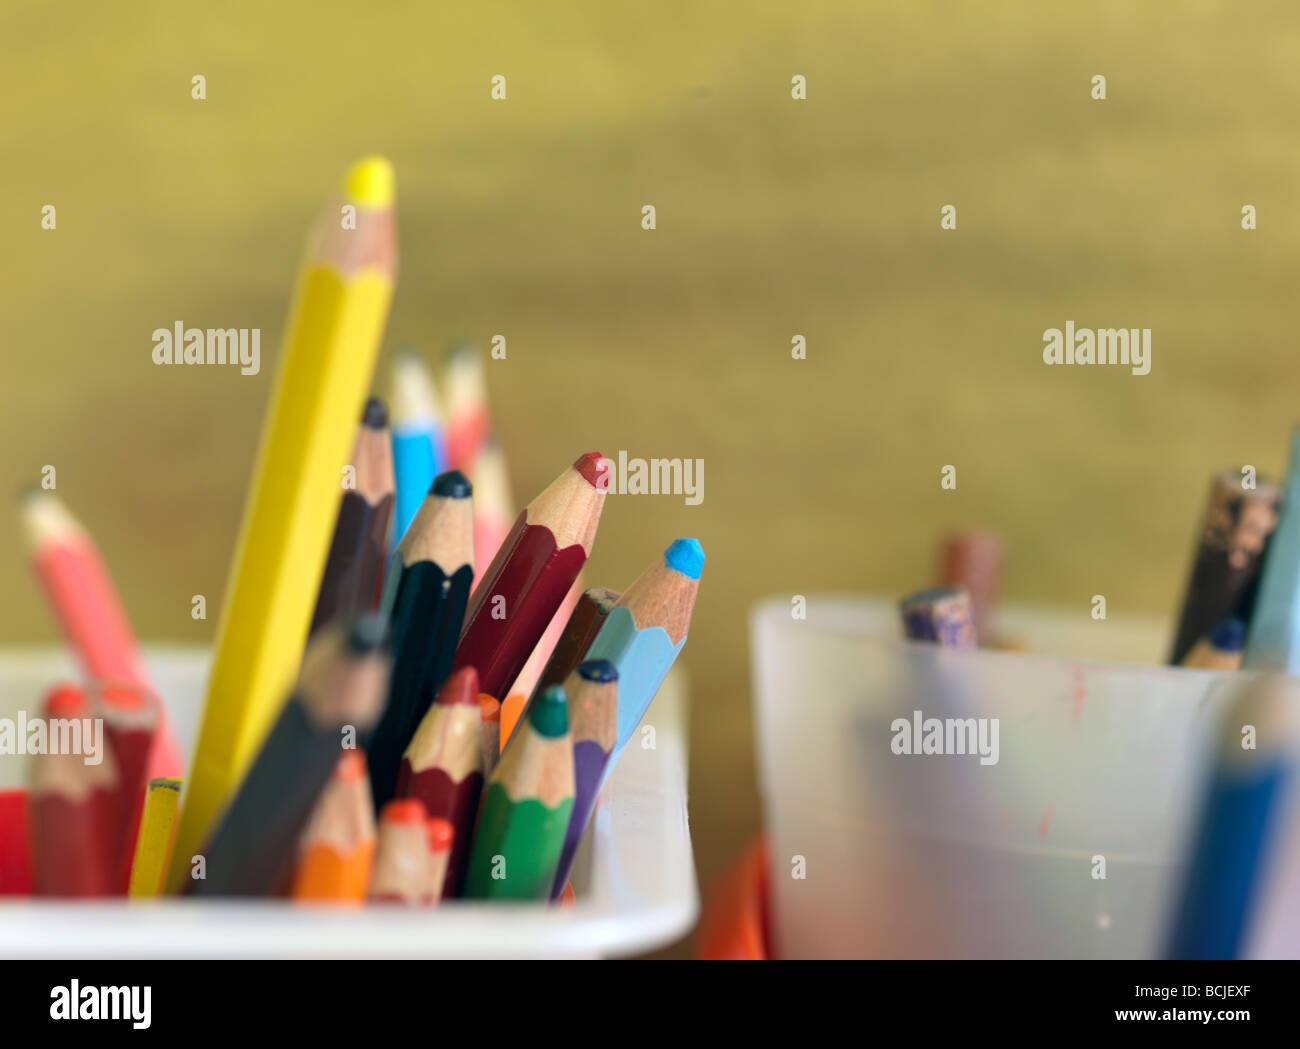 Lápices de colores en la escuela pots Imagen De Stock